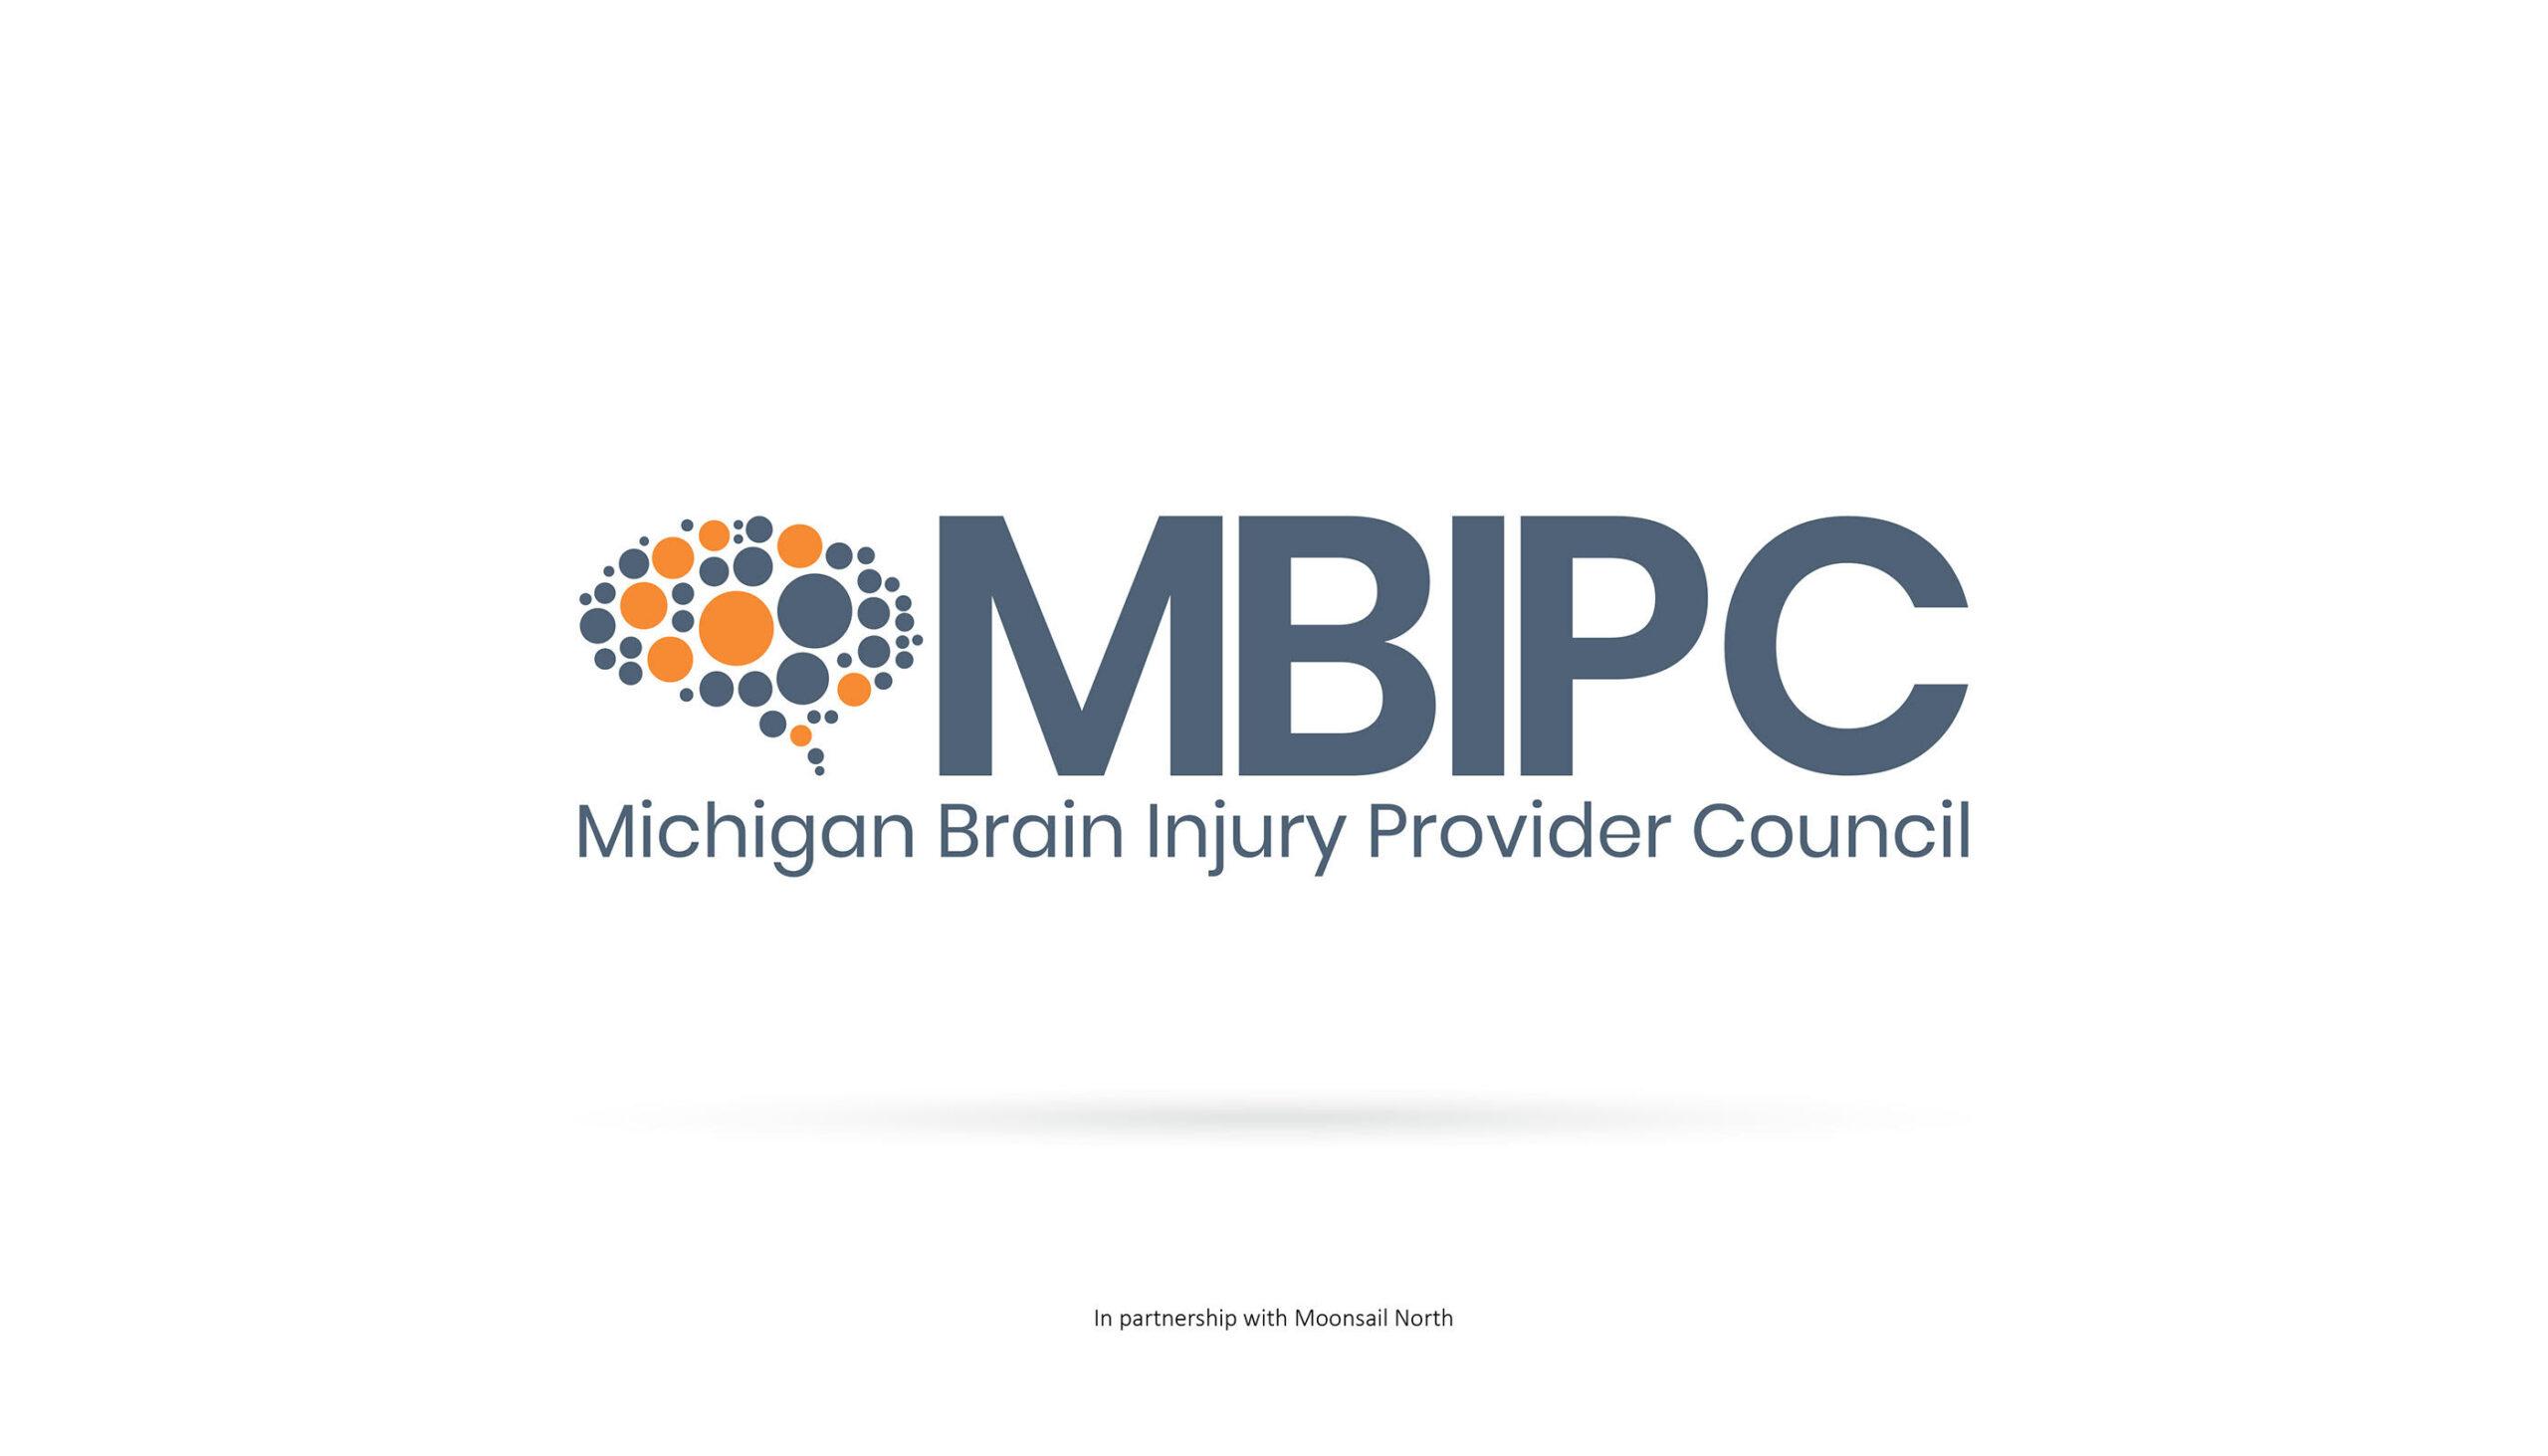 MBIPC